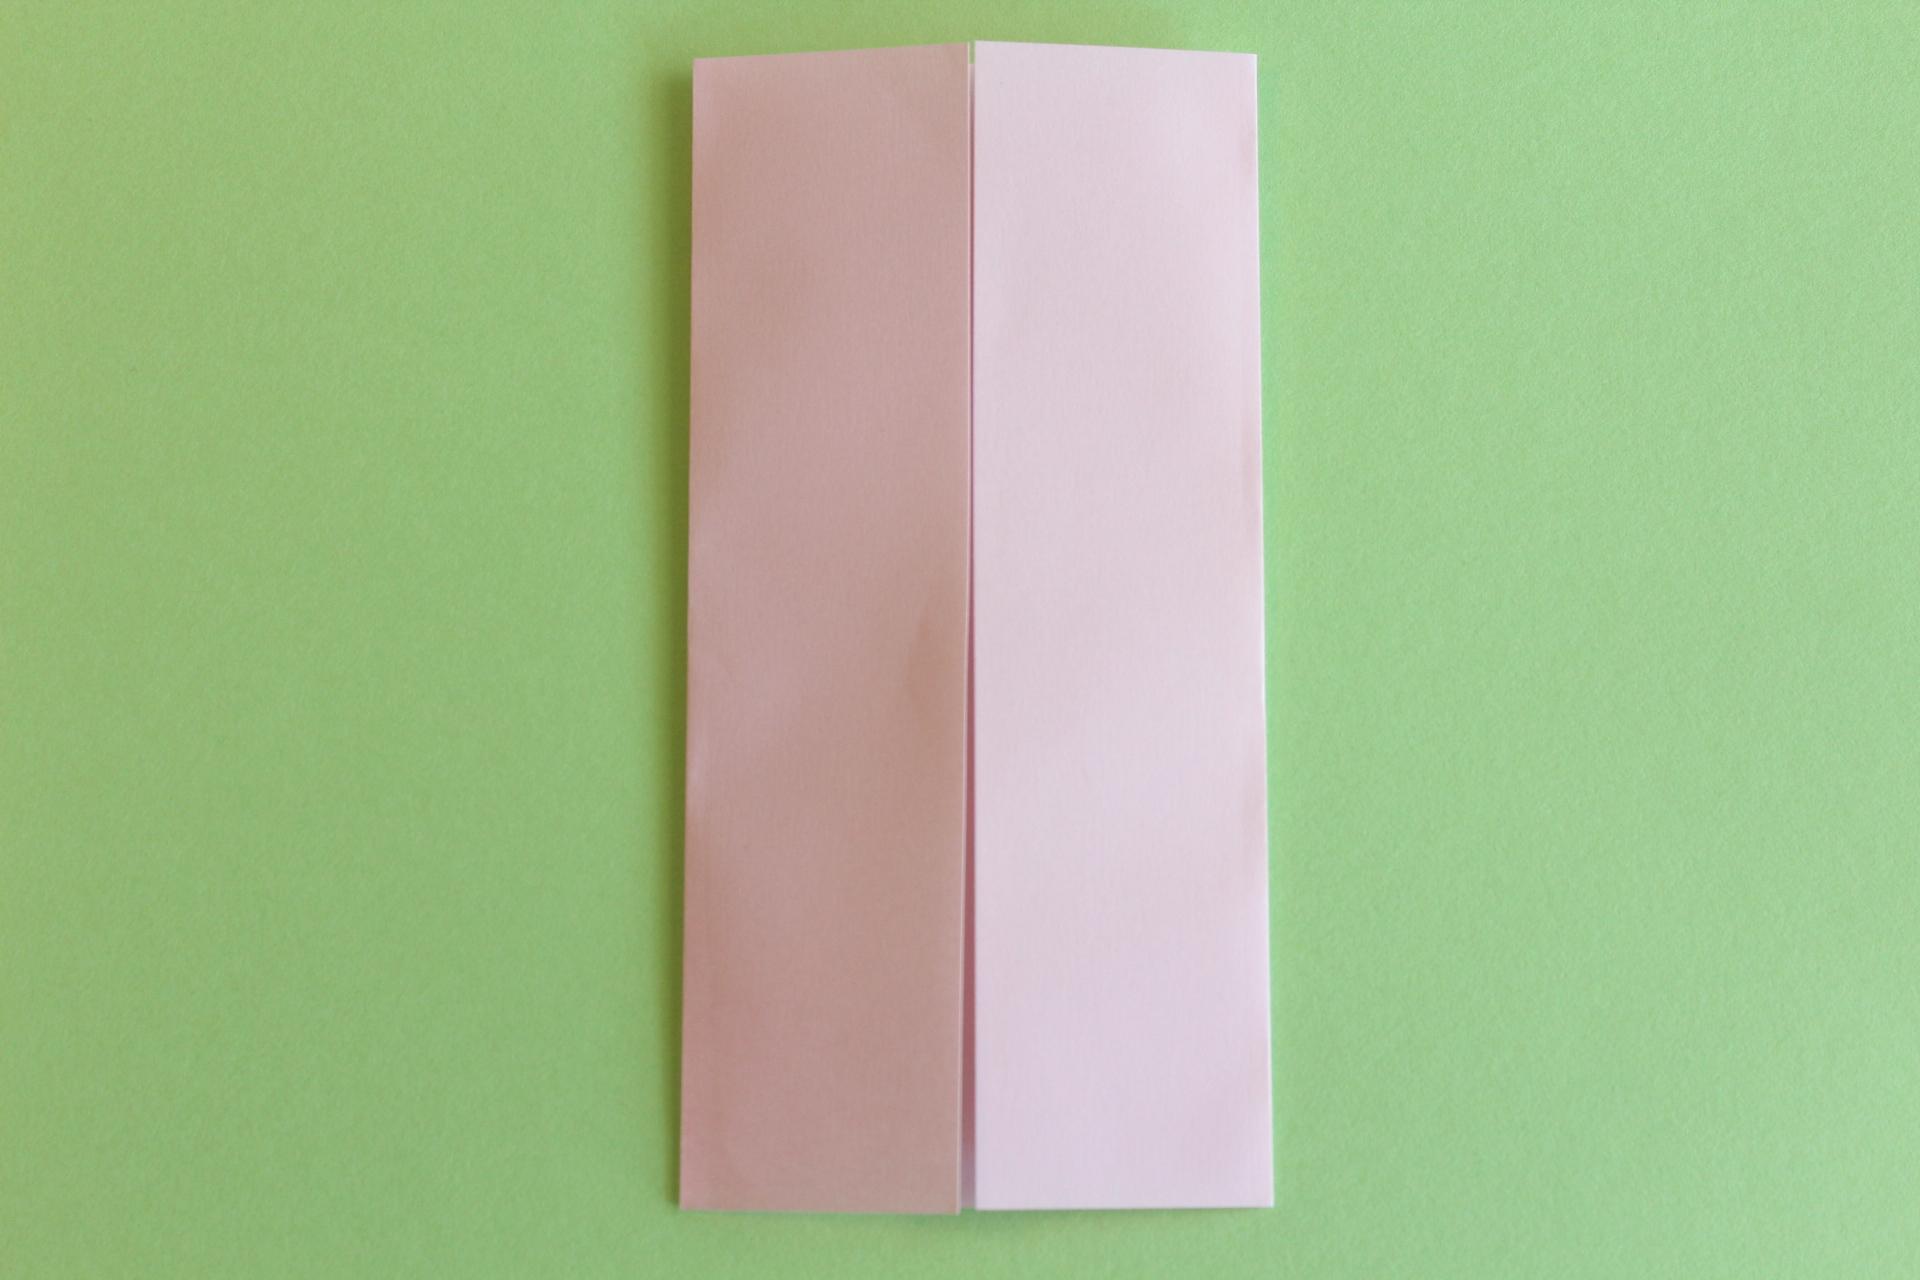 羽子板の折り方1